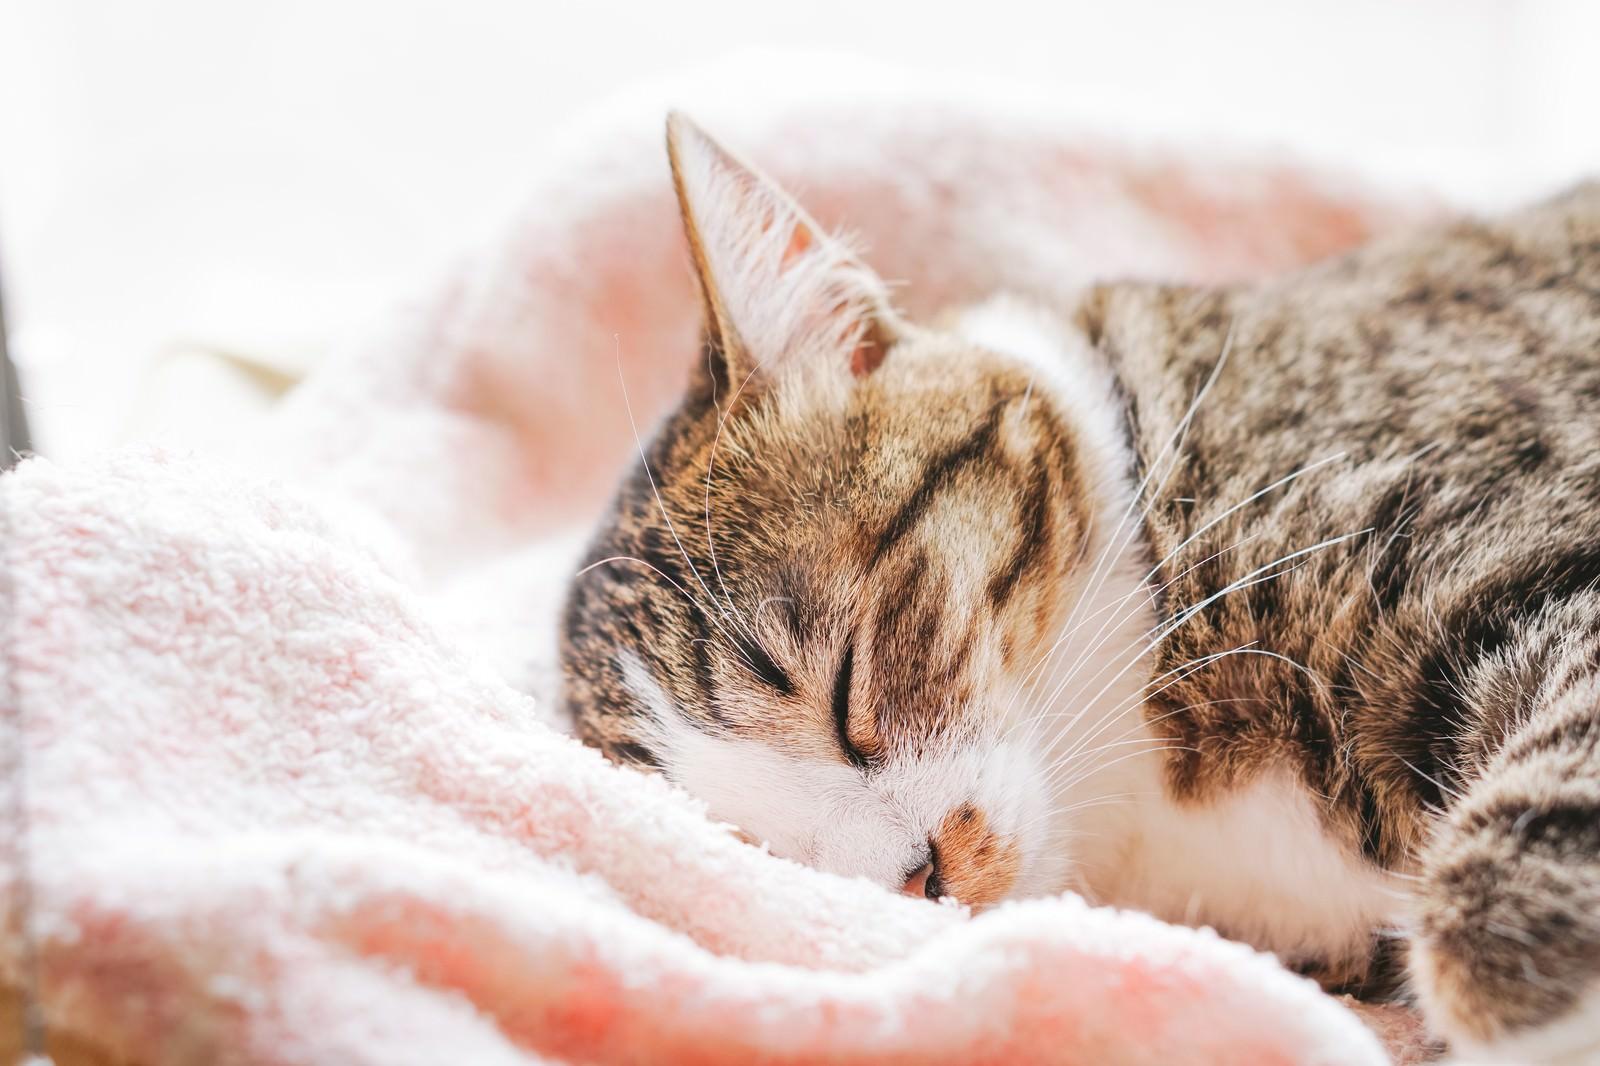 「ふわふわタオルで眠る猫」の写真